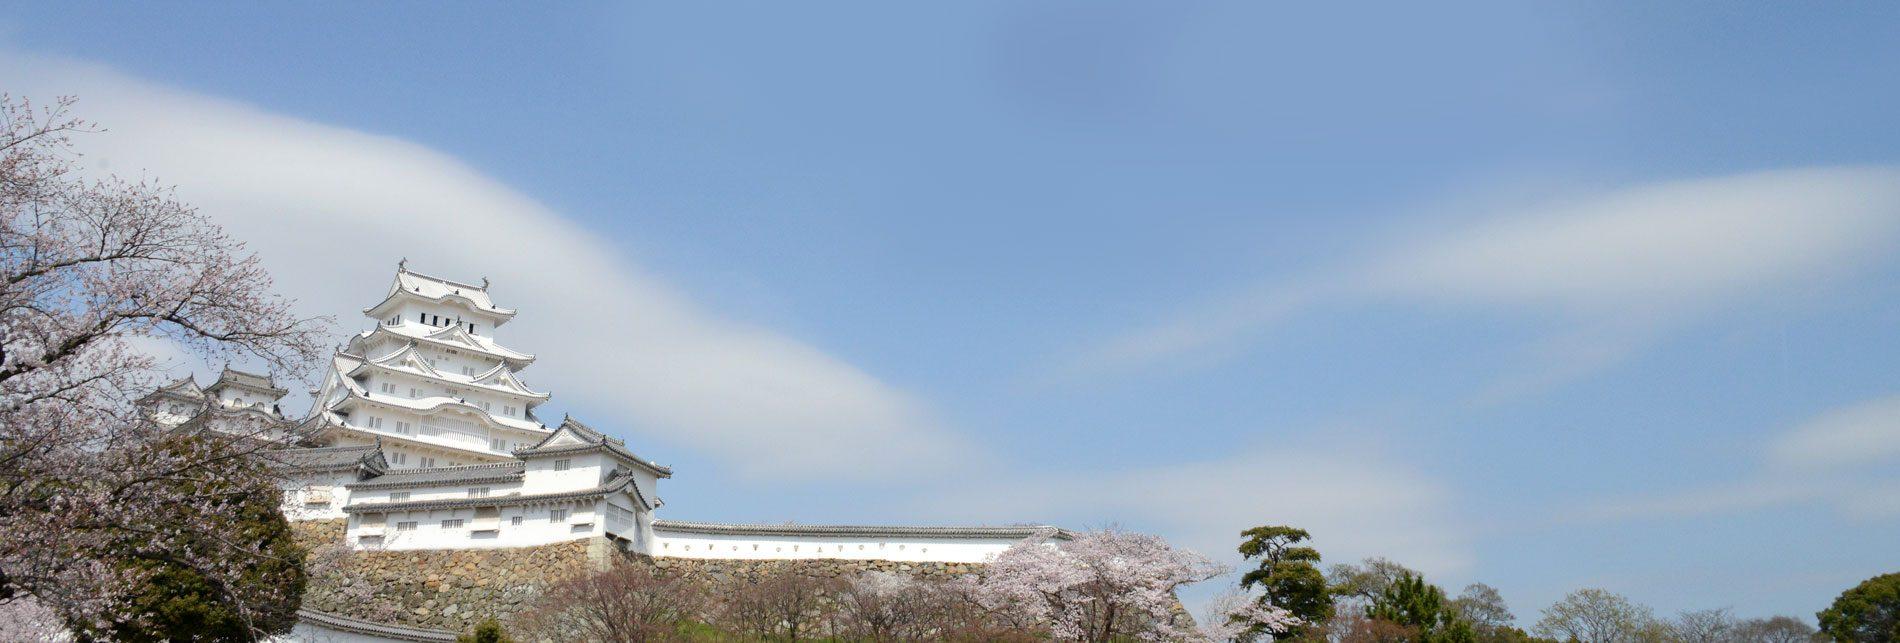 世界遺産姫路城に育まれた城下町、姫路。 <br> <br>当地で創業54年目(2017年)を迎えました 姫路の呉服 えり新 よりお届けいたします。